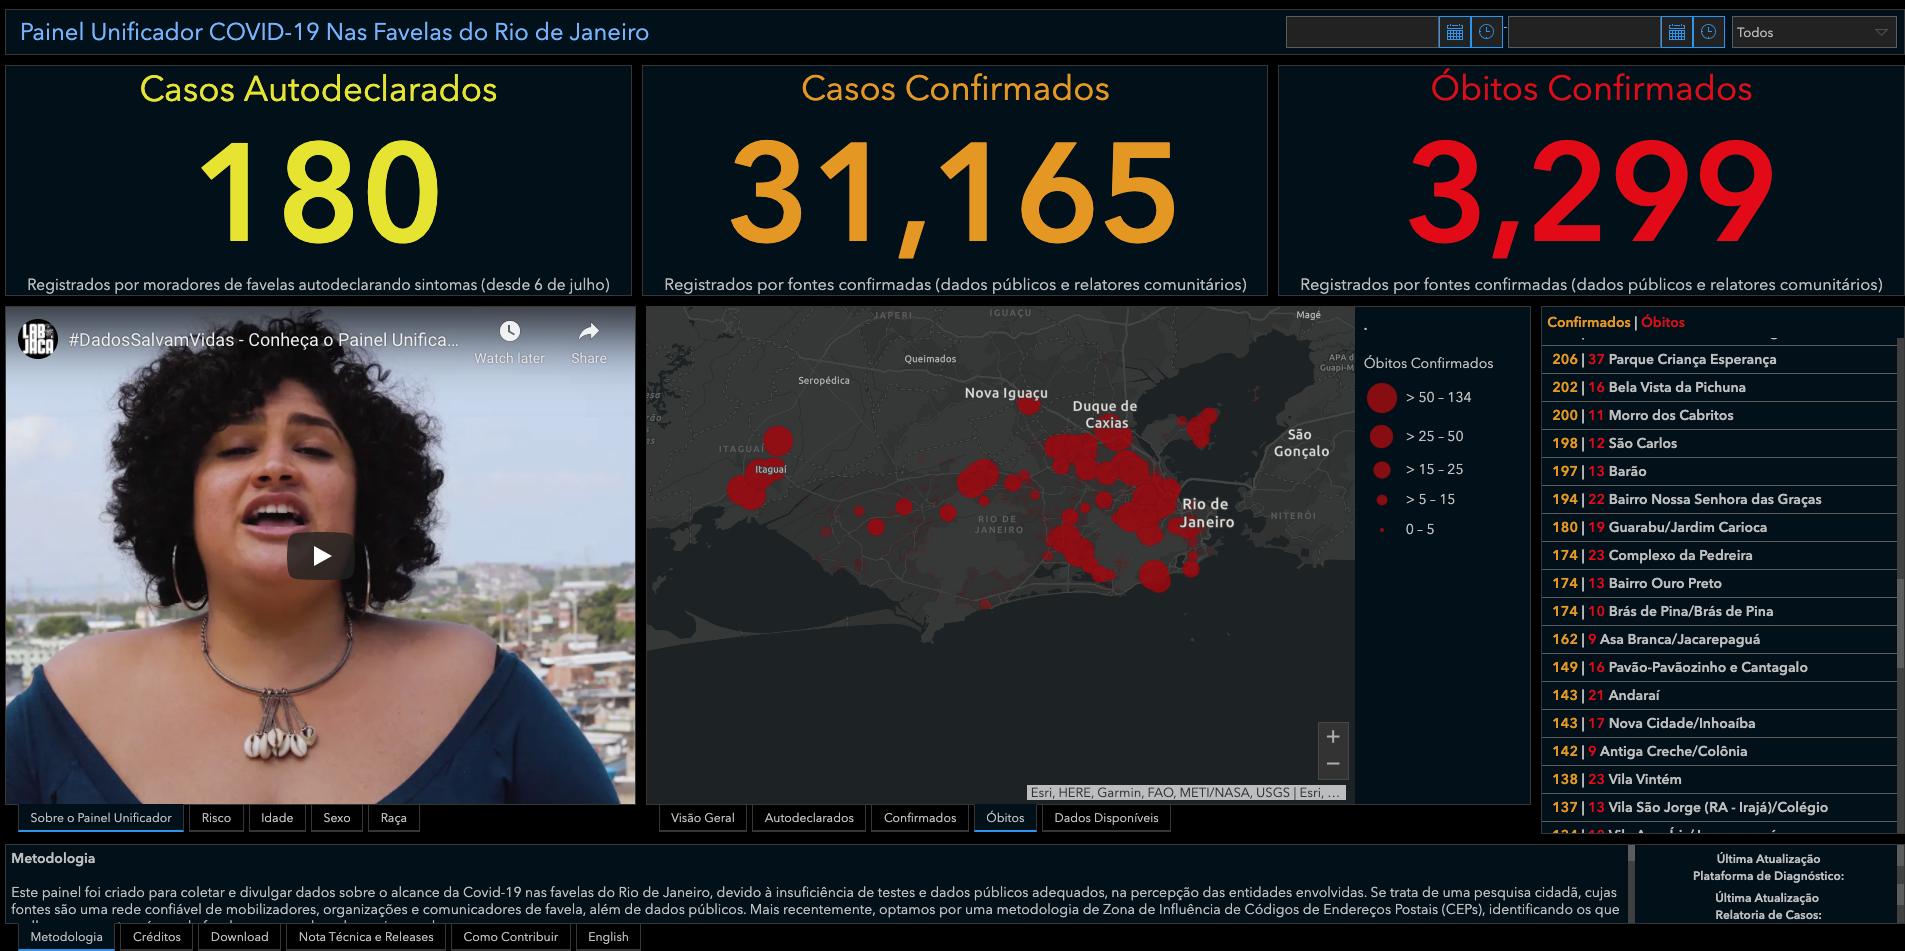 Já ocorreram mais mortes nas favelas do Rio de Janeiro do que em 162 países inteiros. O número de mortes nas favelas ultrapassa o de mortes no Paraguay (2846), Dinamarca (2216), Costa Rica (2692), Austrália (909), Venezuela (1240), Moçambique (465), Tailândia (79), Camarões (474), Malásia (909), e muitos outros. Fonte: Painel Unificador Covid-19 nas Favelas (favela.info)